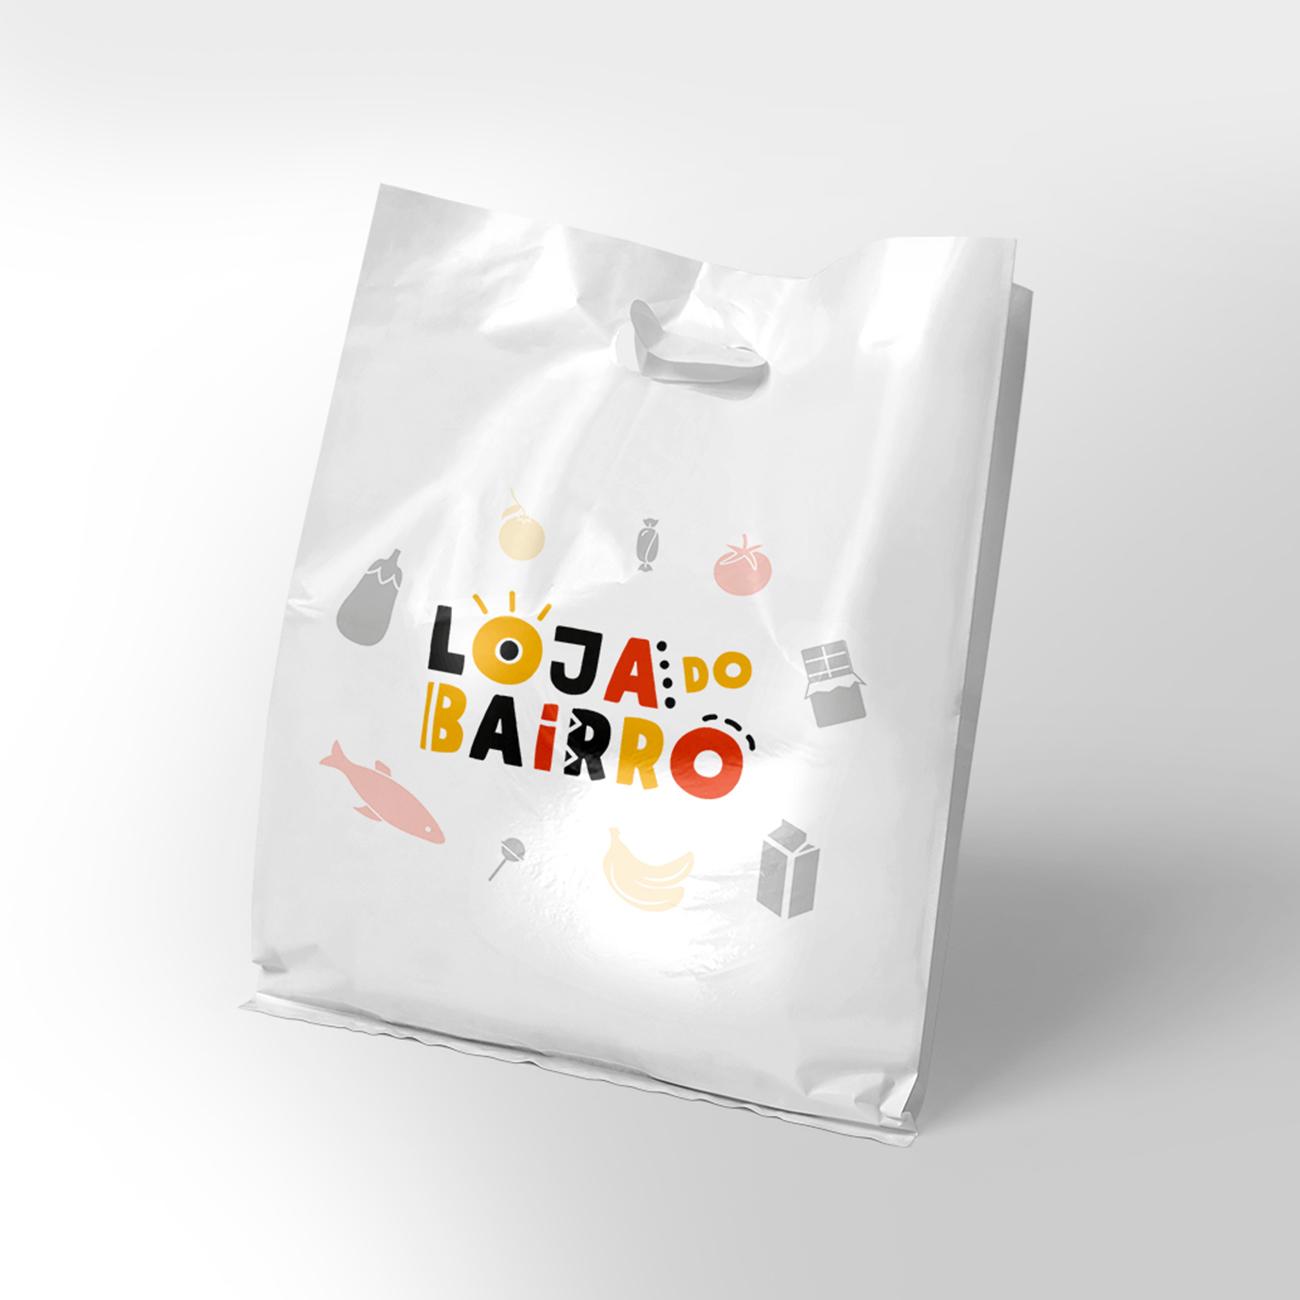 Logotipo com simulação em saco